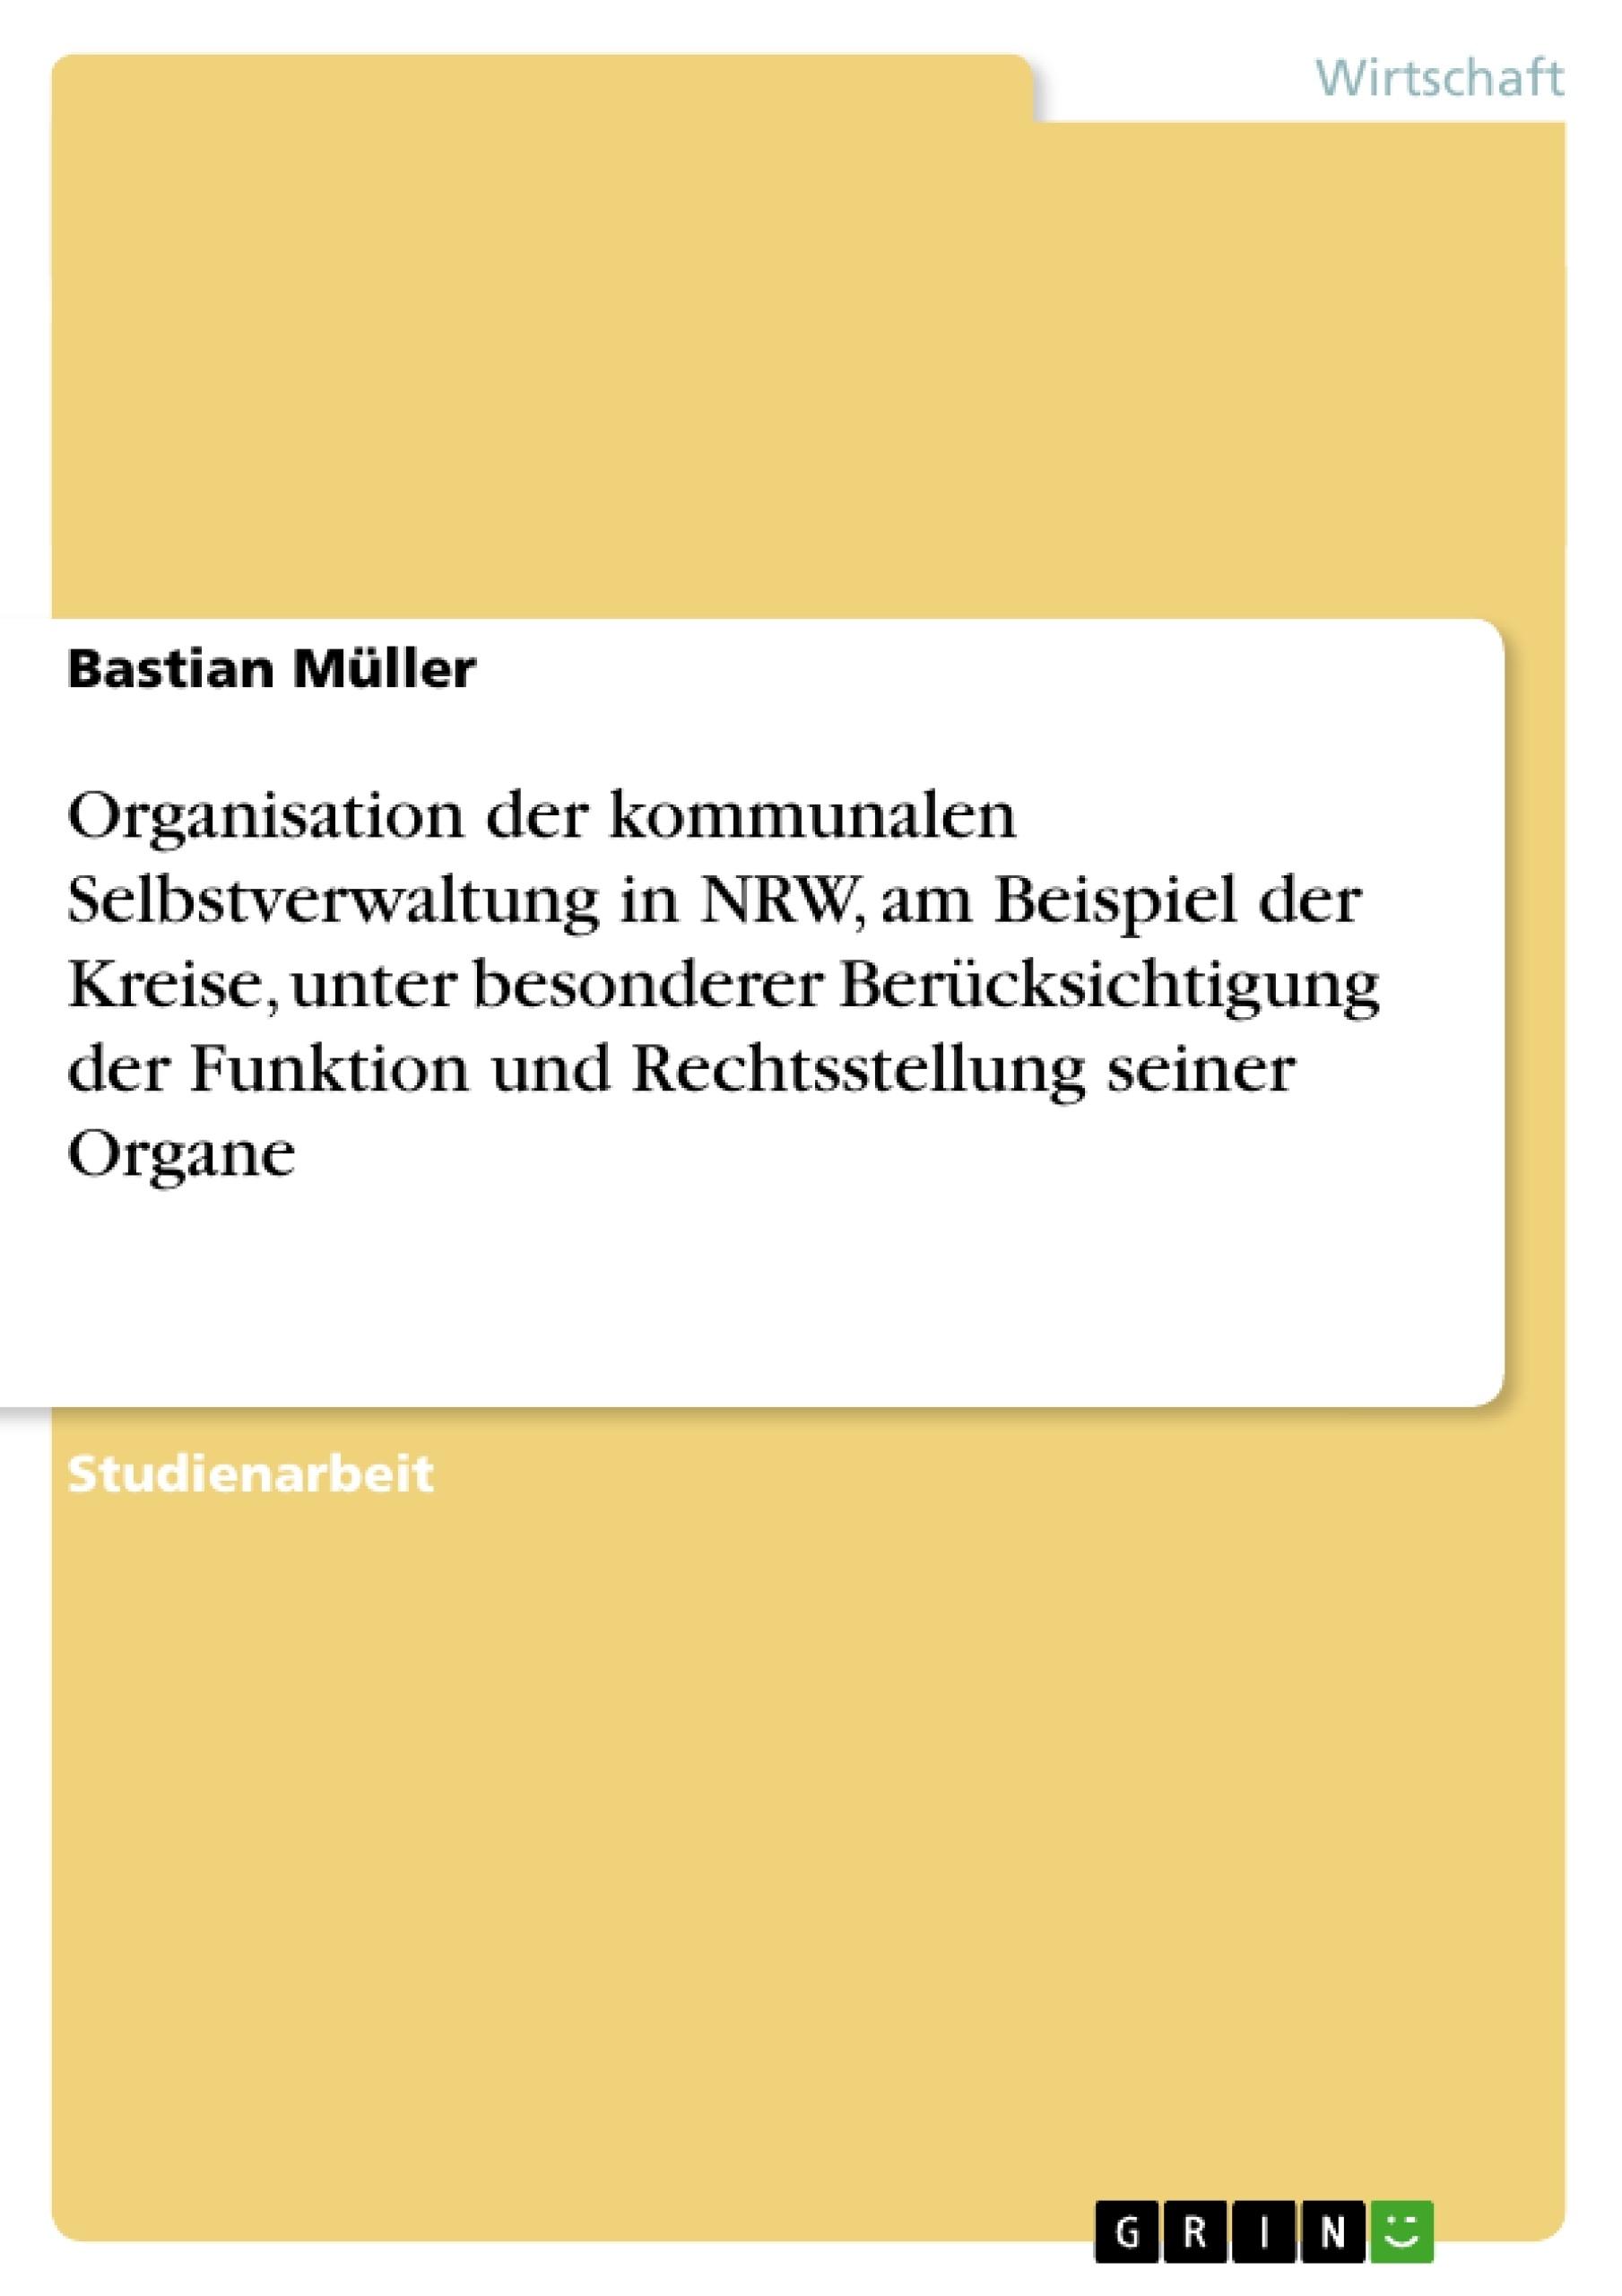 Titel: Organisation der kommunalen Selbstverwaltung in NRW, am Beispiel der Kreise, unter besonderer Berücksichtigung der Funktion und Rechtsstellung seiner Organe